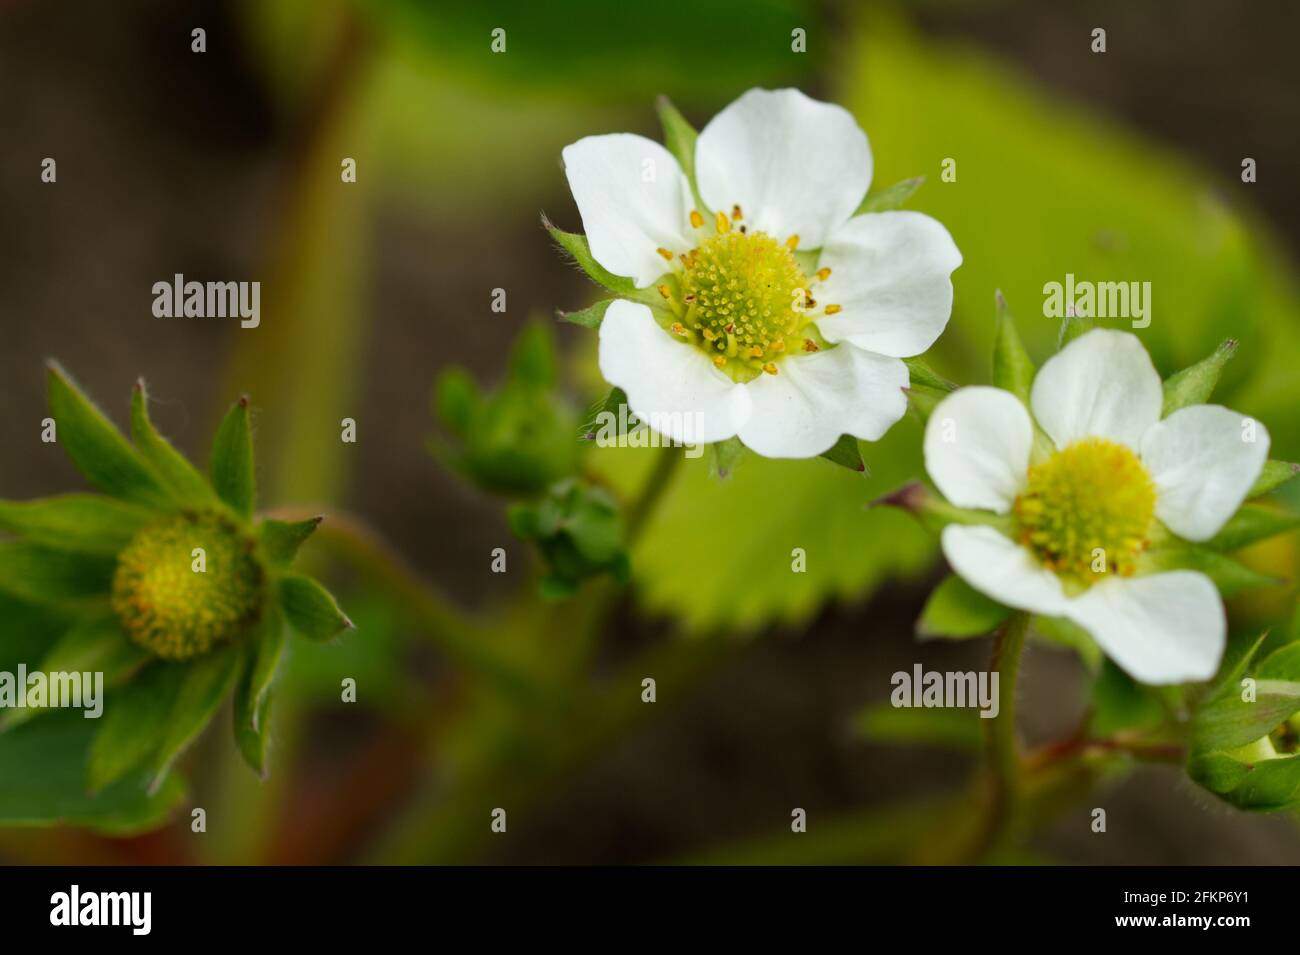 Fragaria × anananassa, fleurs de fraisier au printemps au Royaume-Uni Banque D'Images